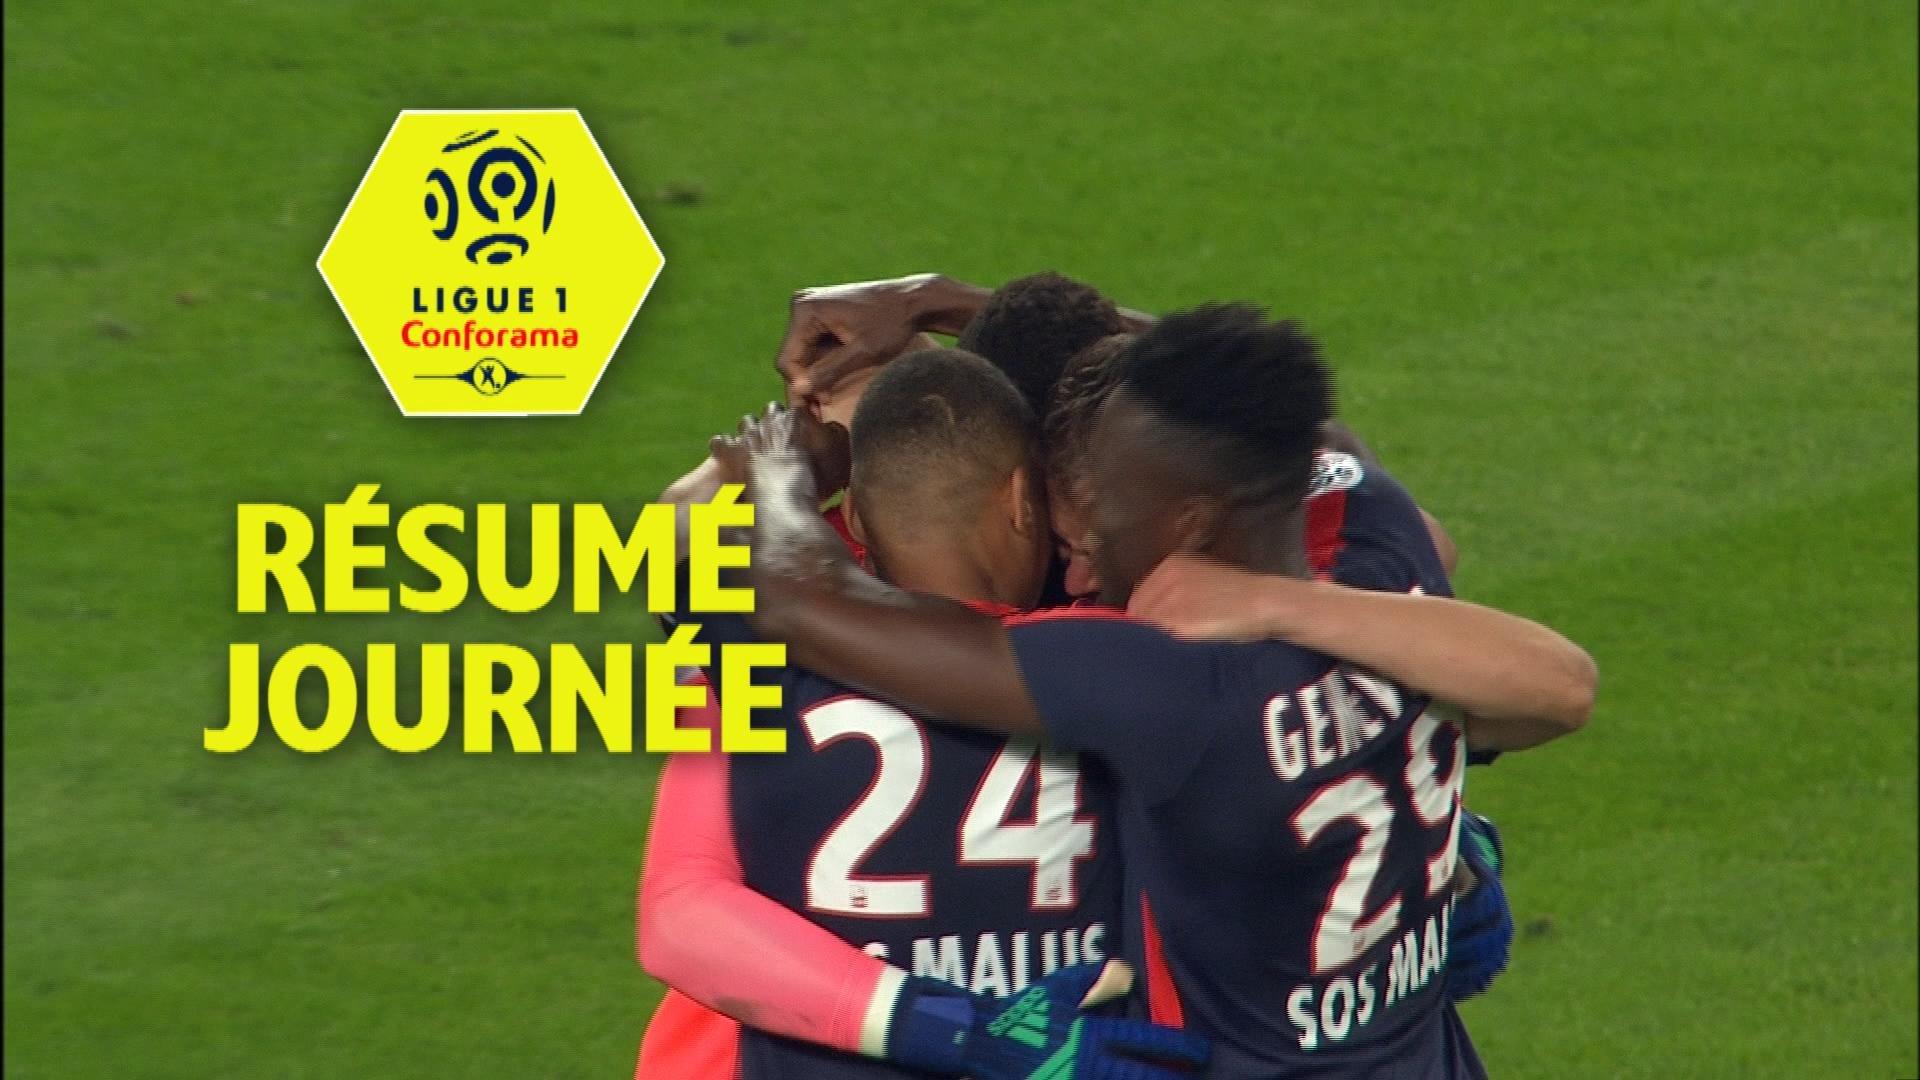 Résumé de la 38ème journée - Ligue 1 Conforama / 2017-18